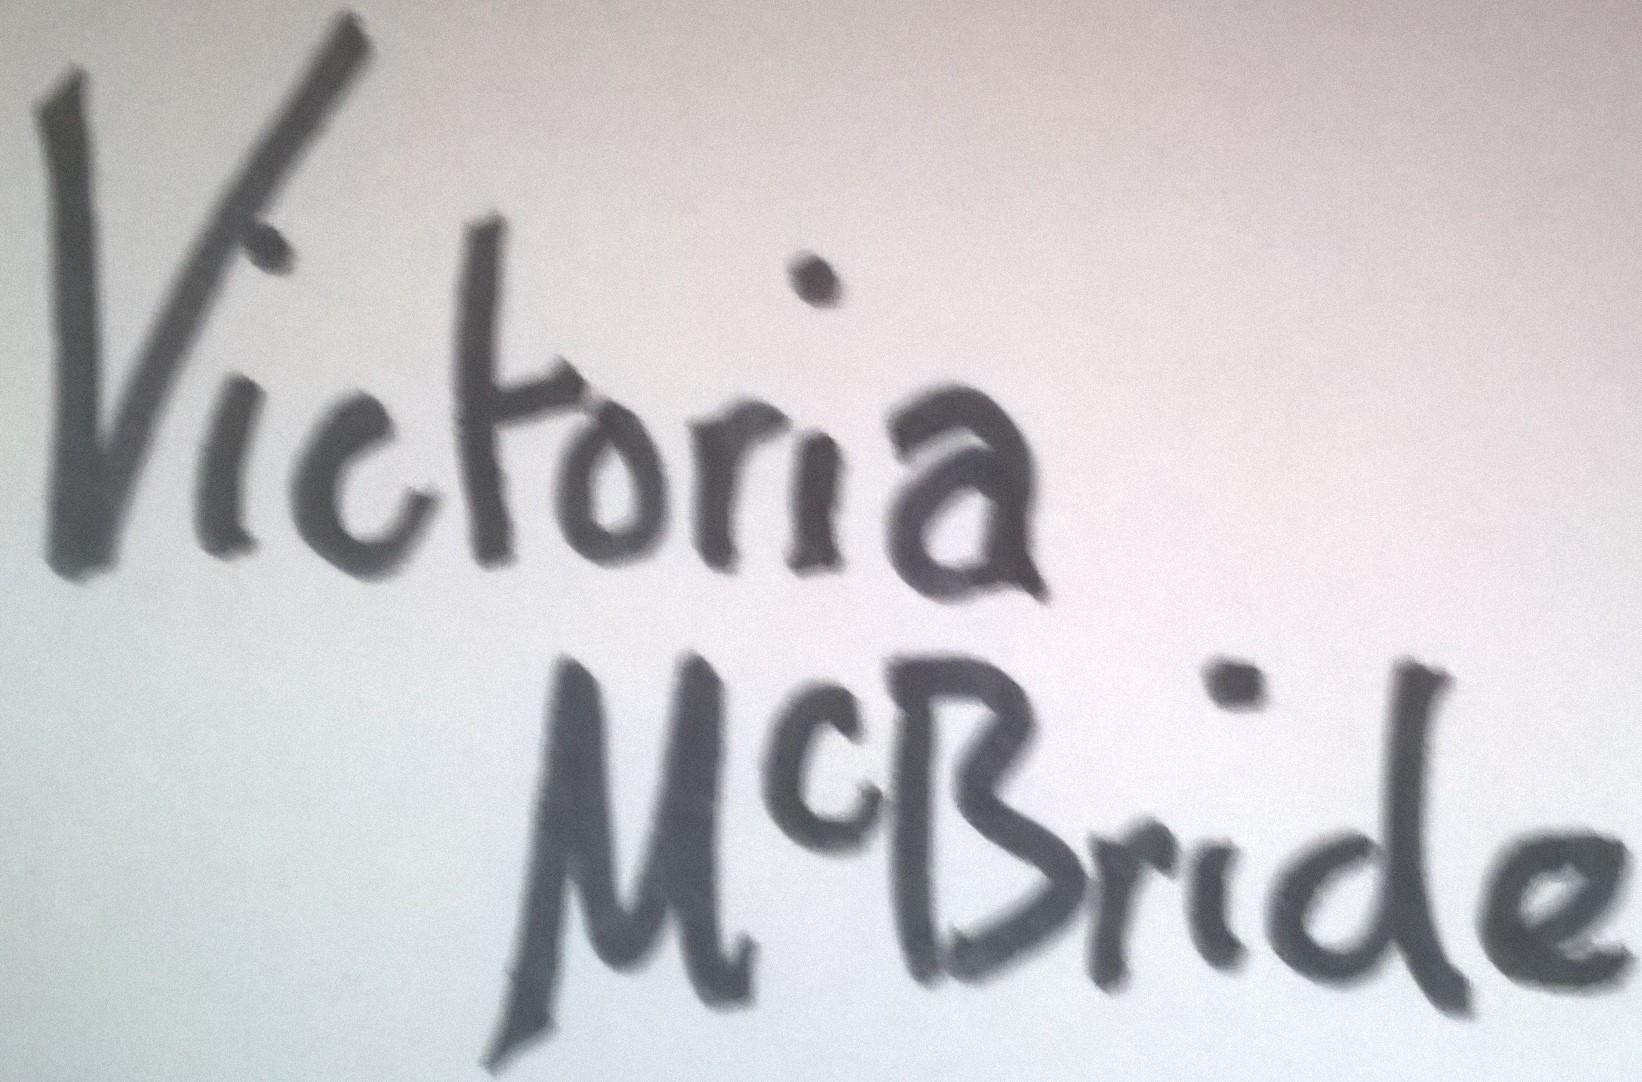 Victoria McBride Signature